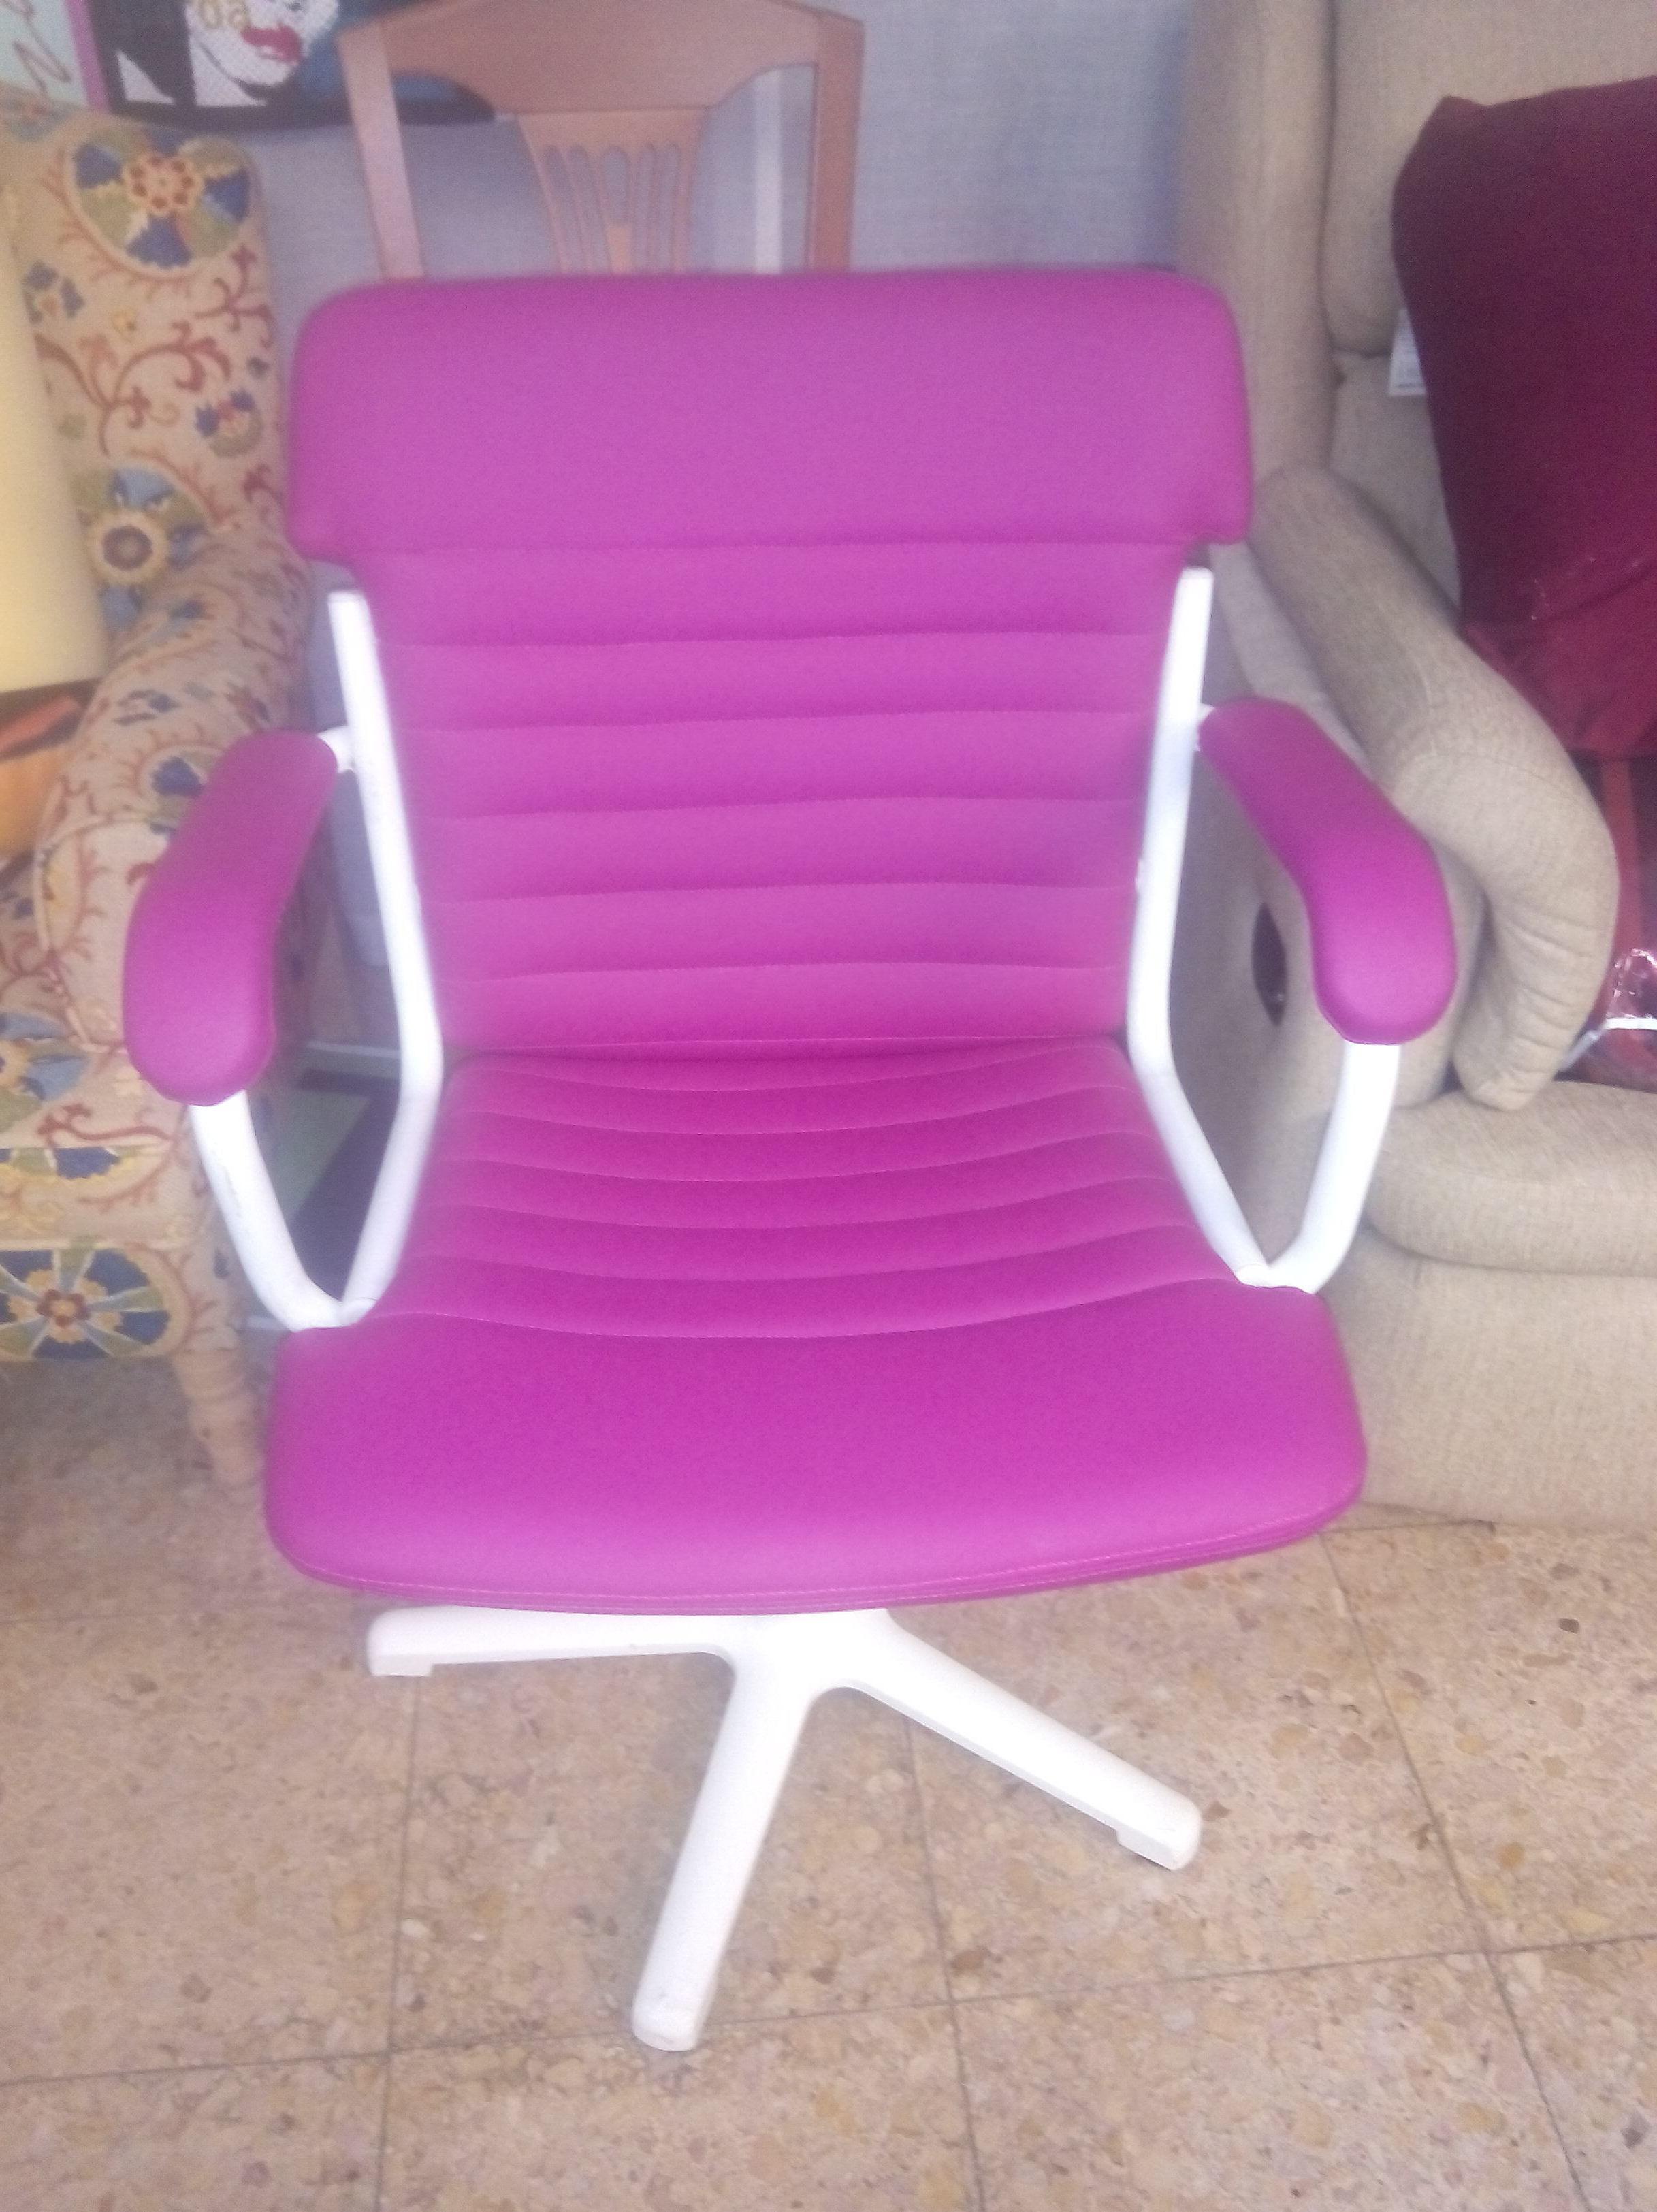 sillón estructura metálica blanca y polipiel rosa